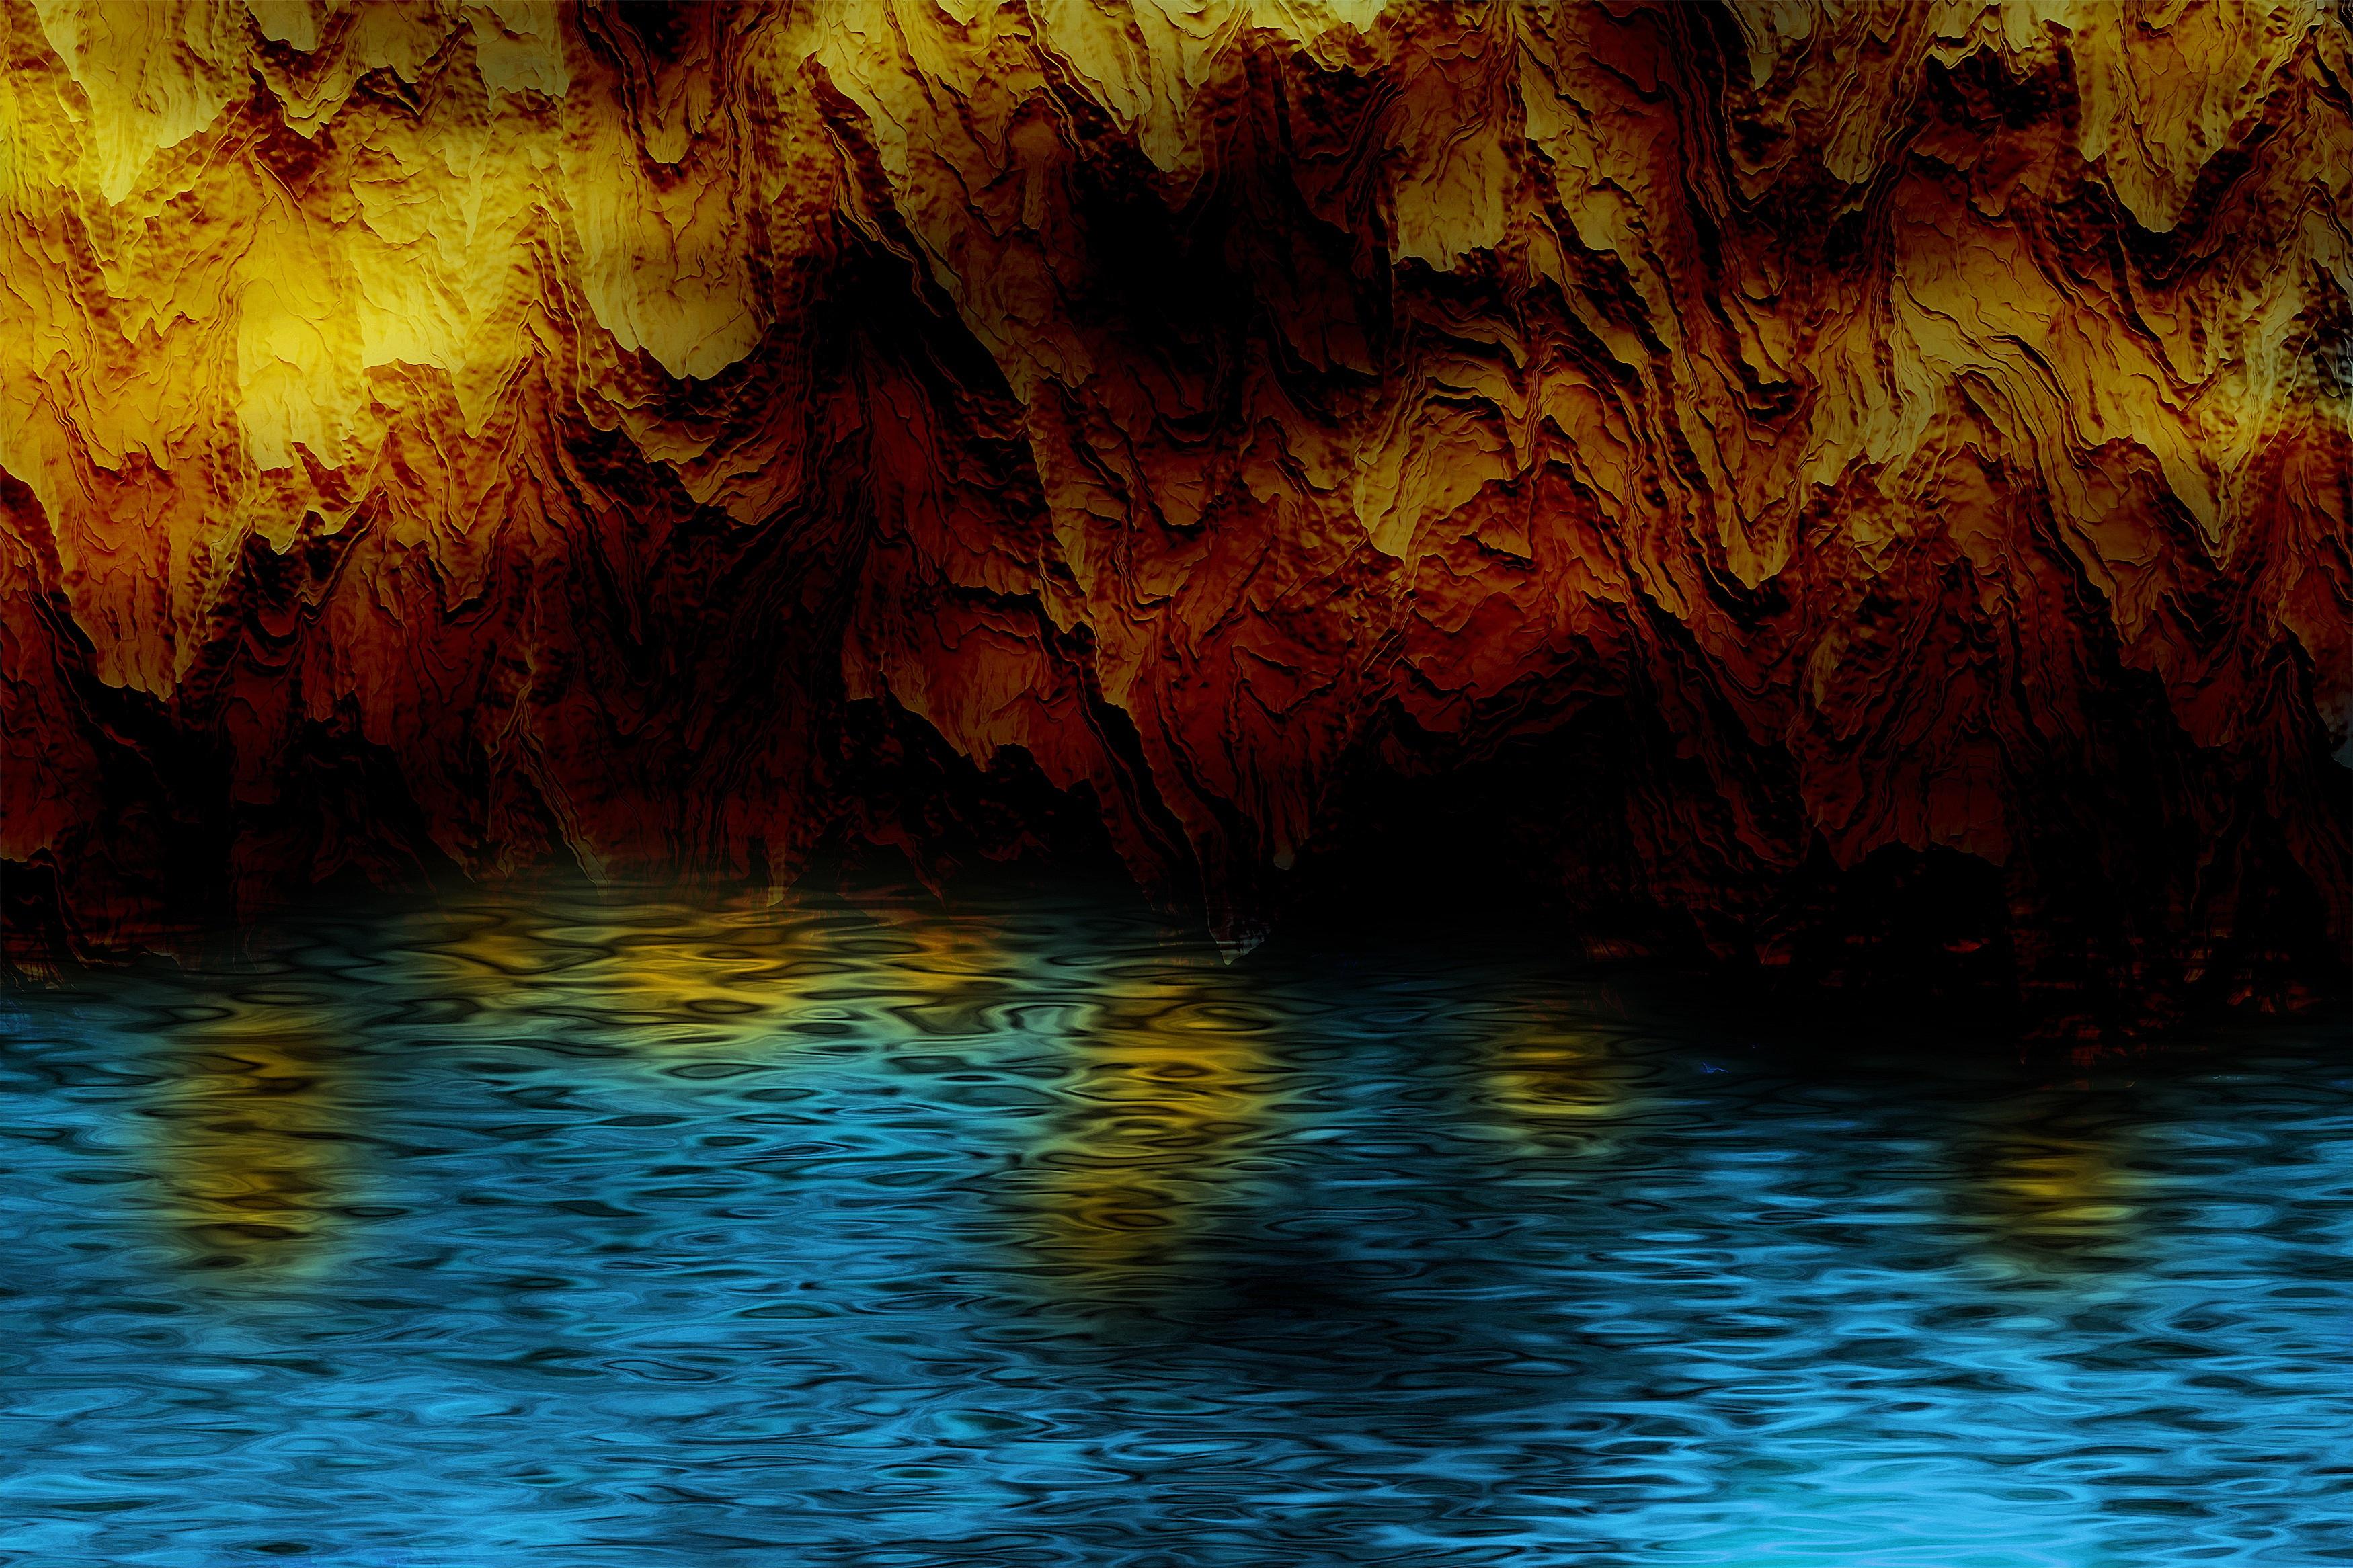 壁纸 风景 摄影 桌面 3500_2333